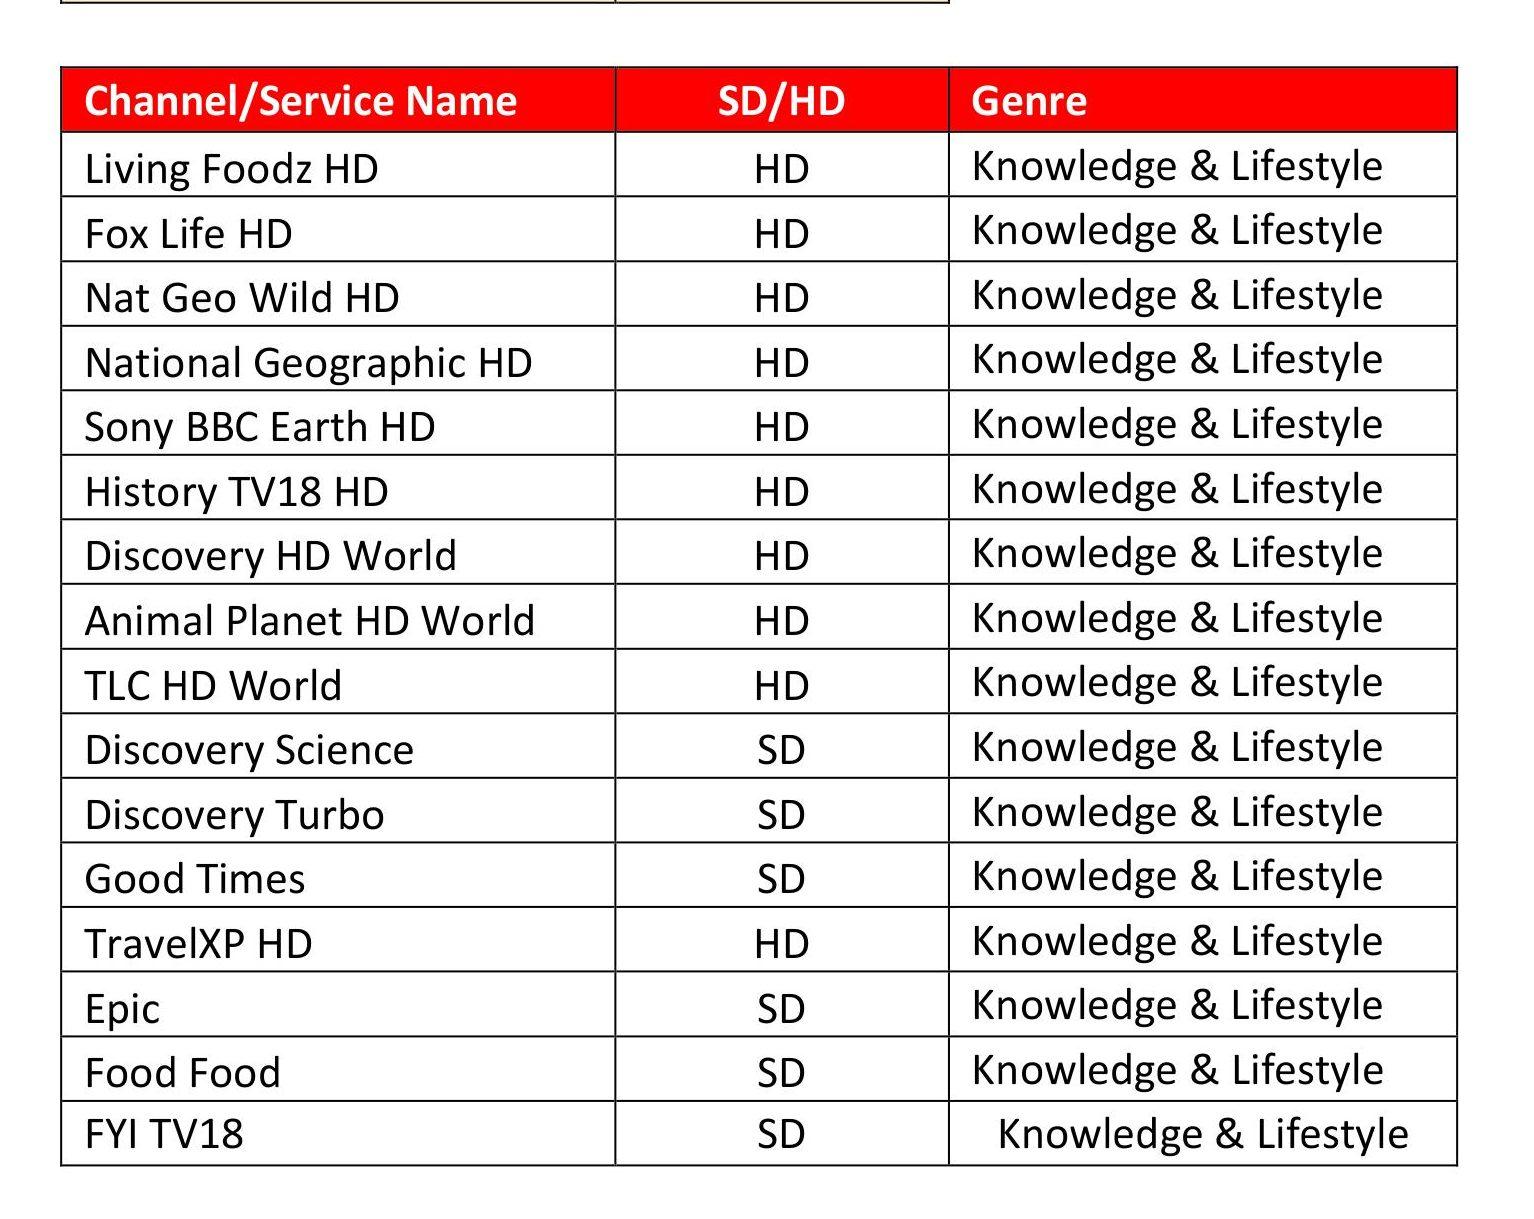 KnowledgeLifestyleHD